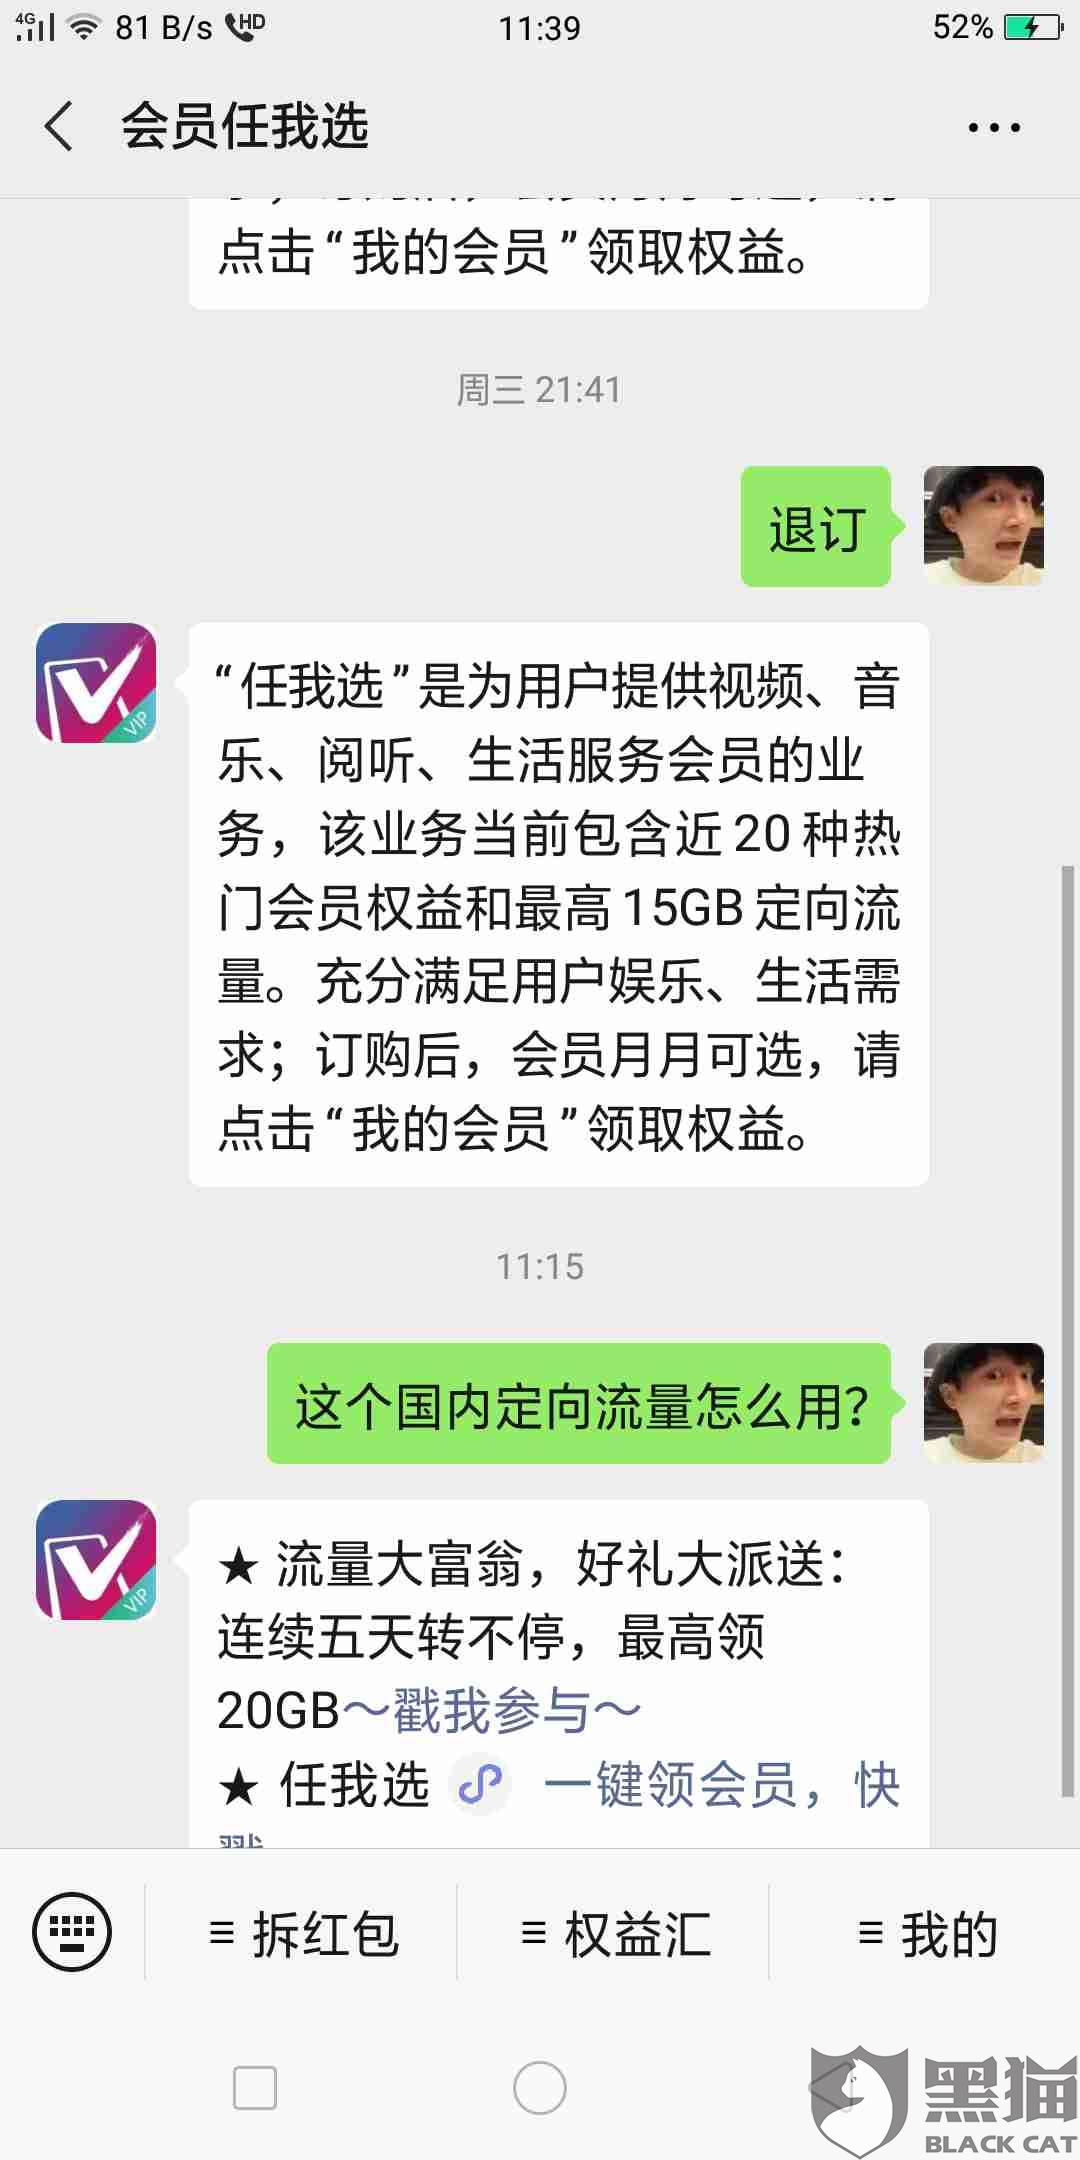 黑猫投诉:中国移动通信集团江苏有限公司